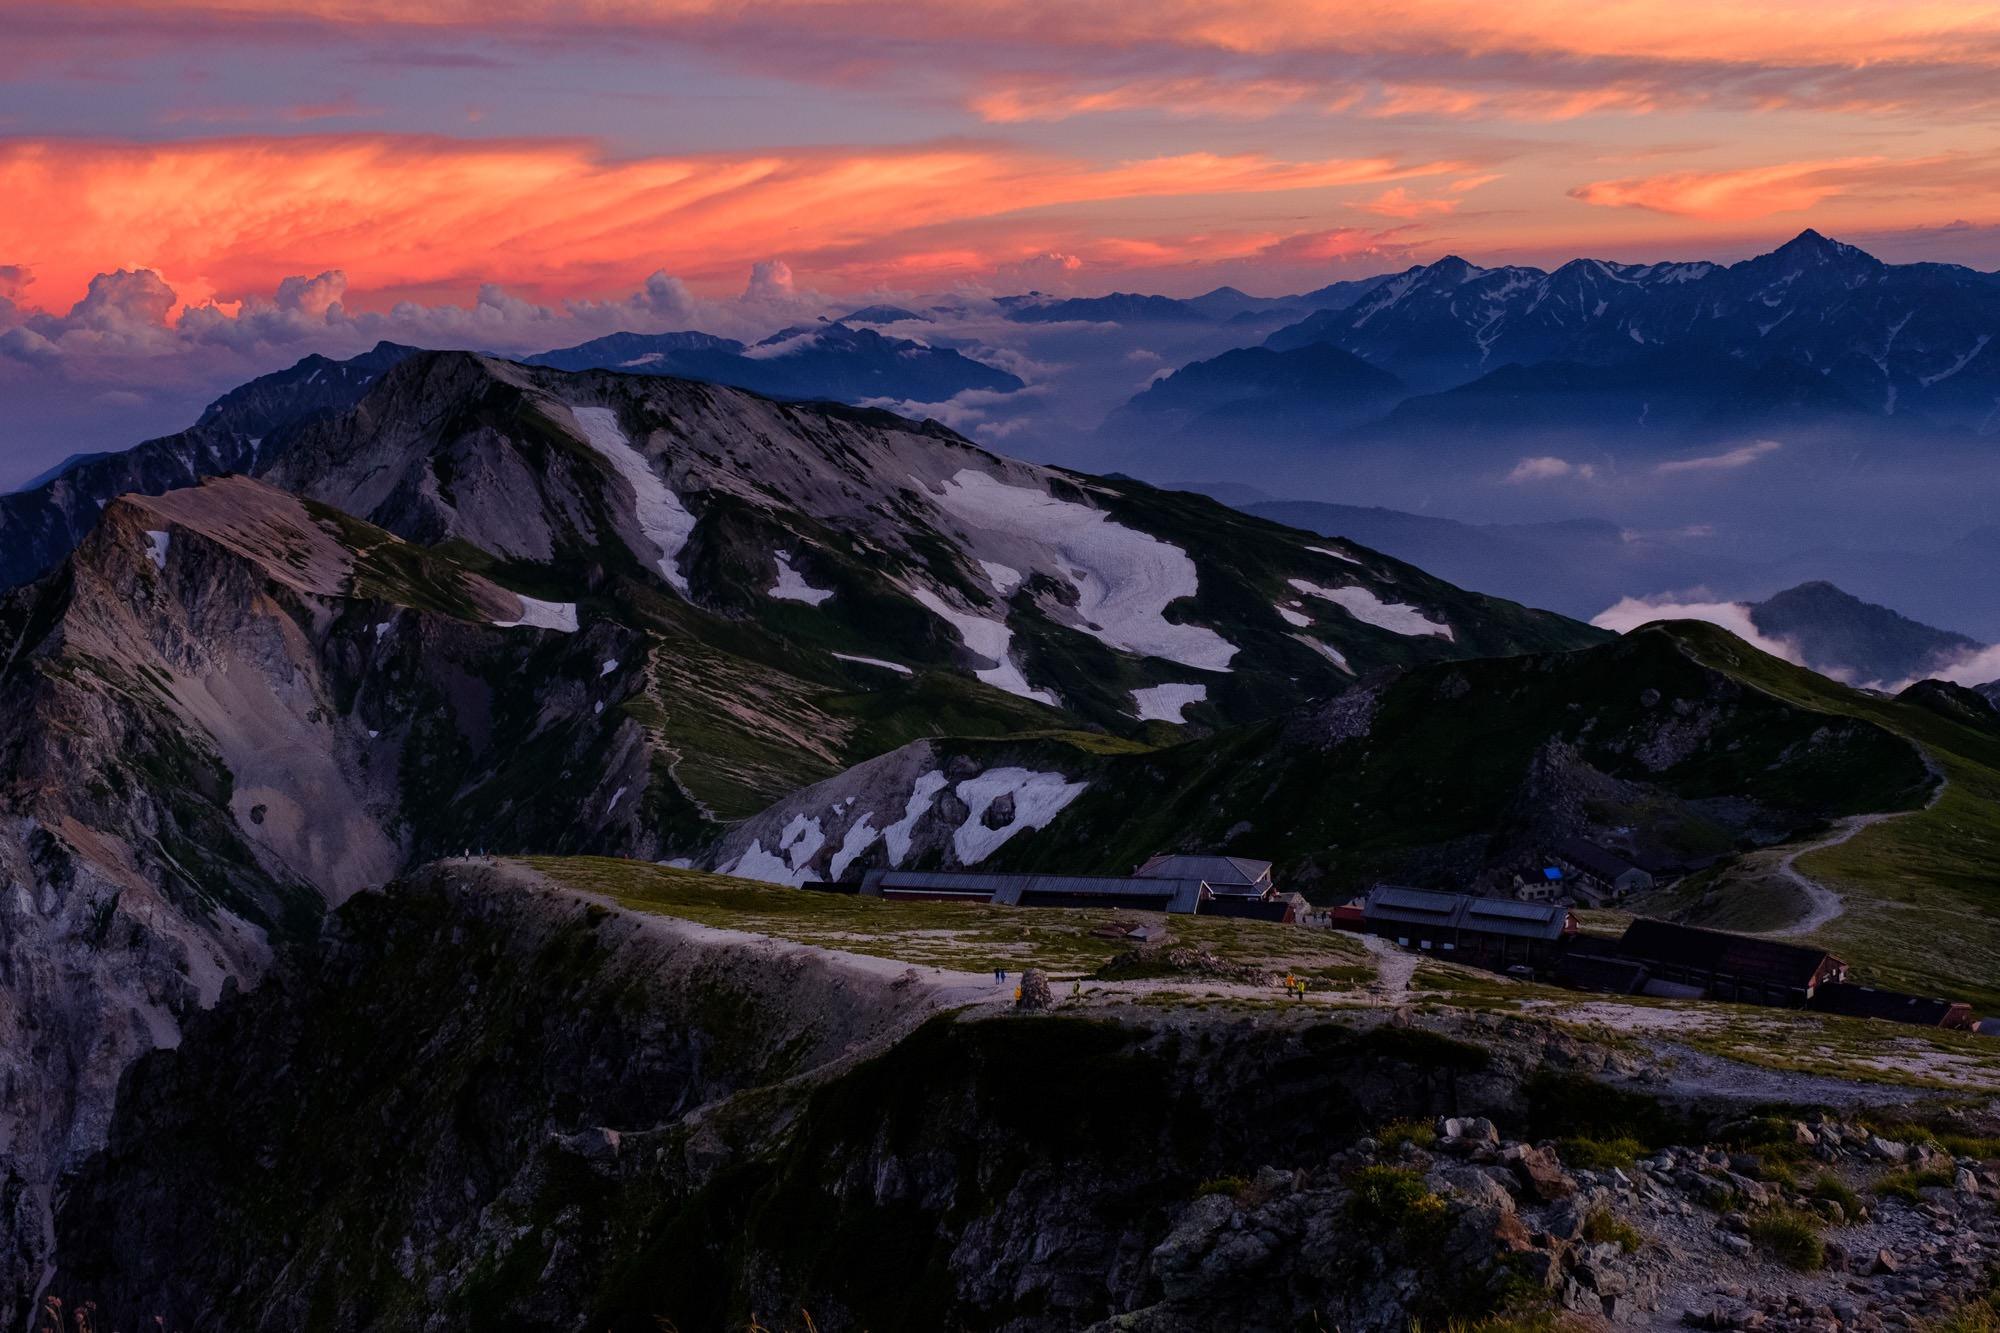 夕焼けが最高潮に達した白馬岳稜線